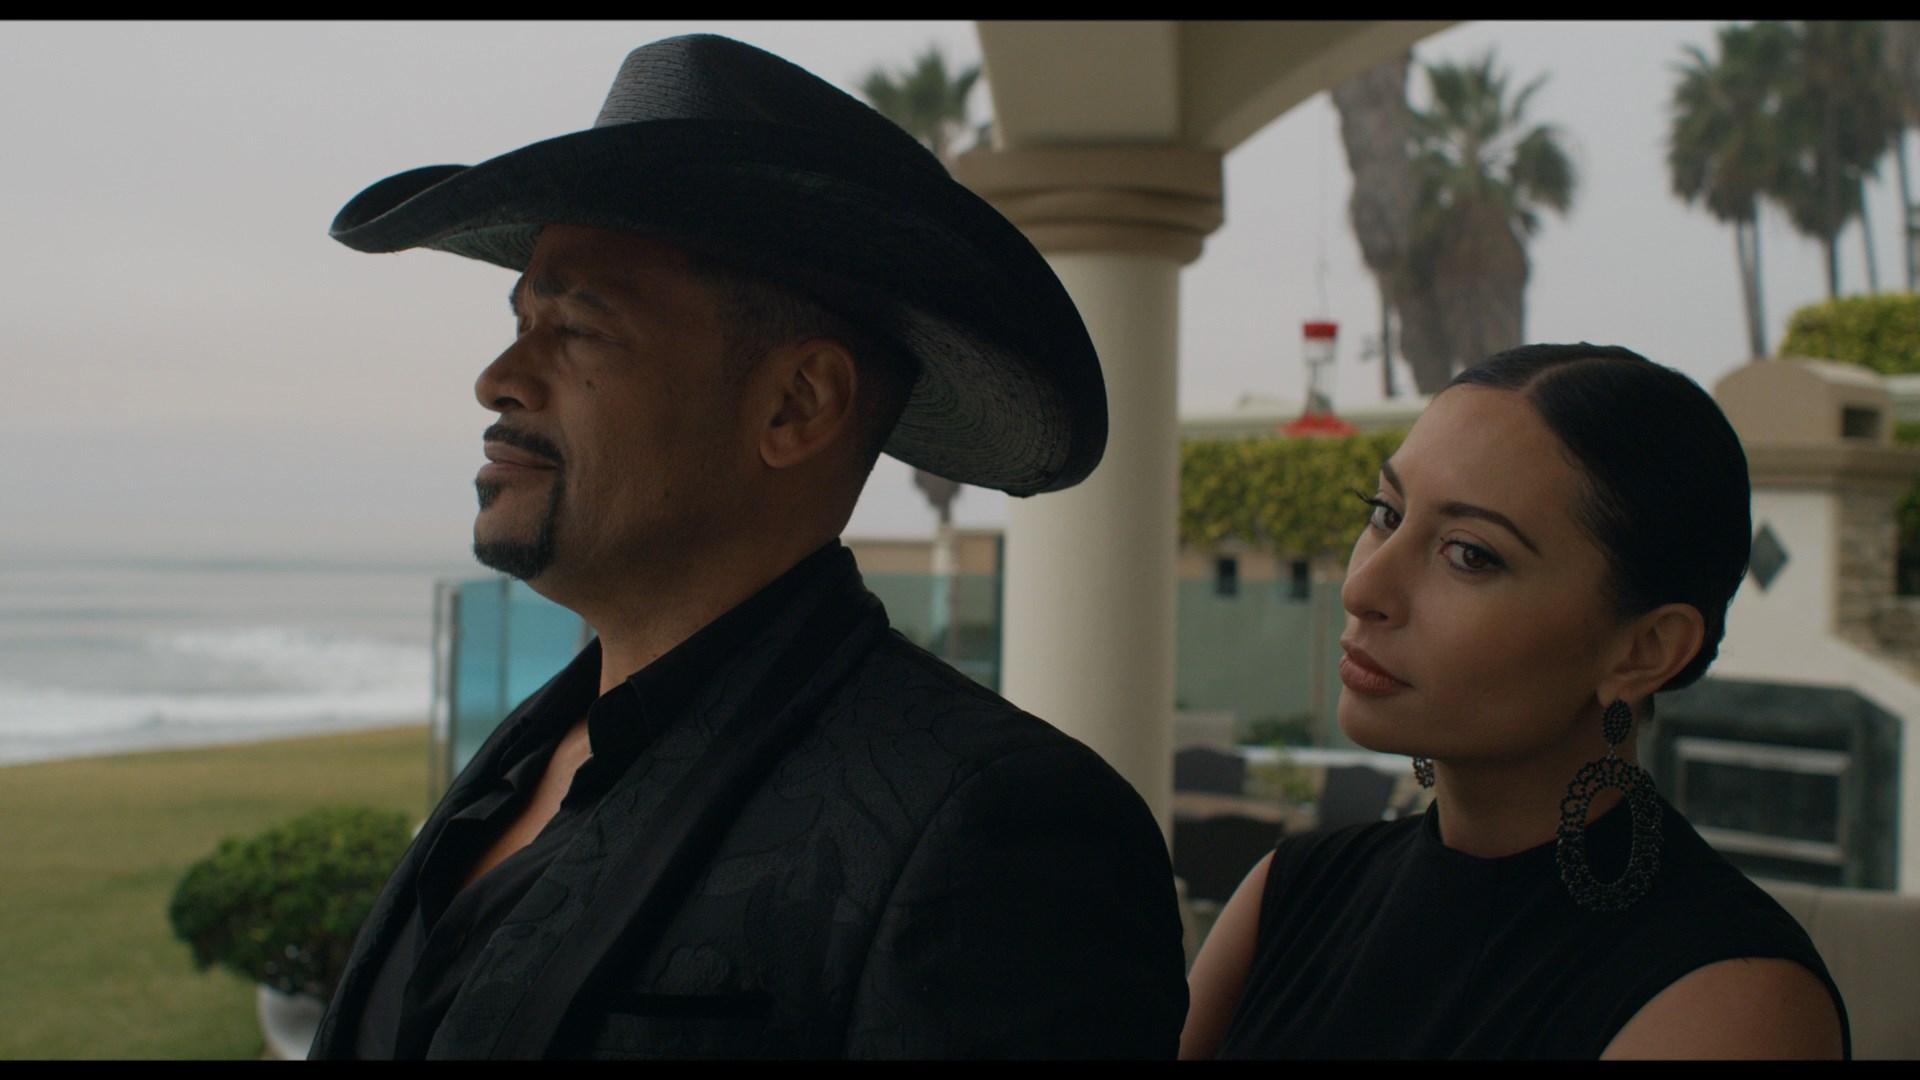 Capturado (2020) 1080p BRrip Latino